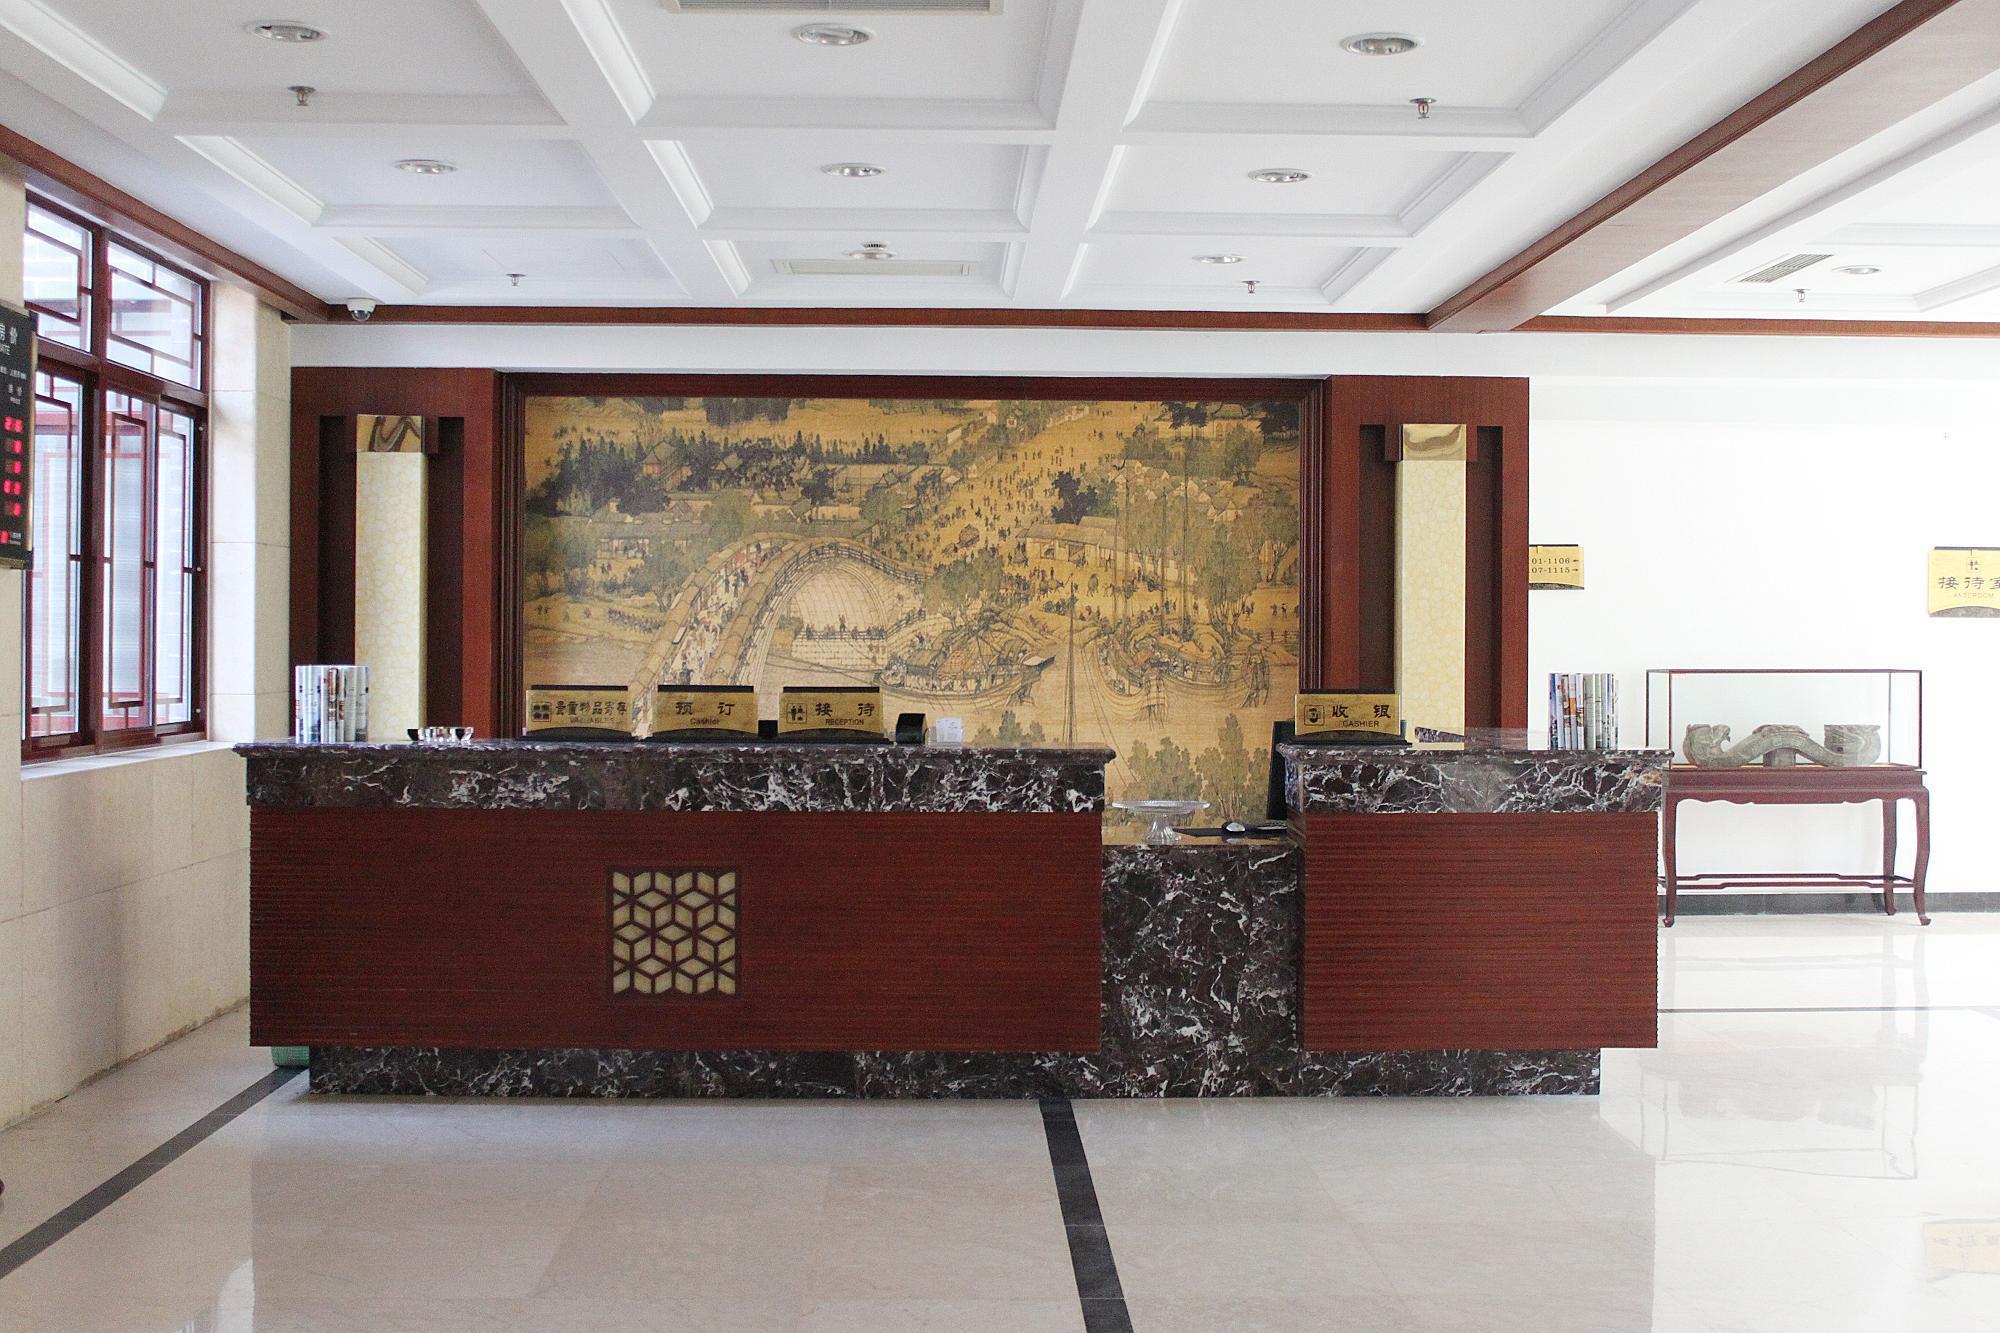 酒店位于微山湖南阳岛,地理位置优越,交通便利.